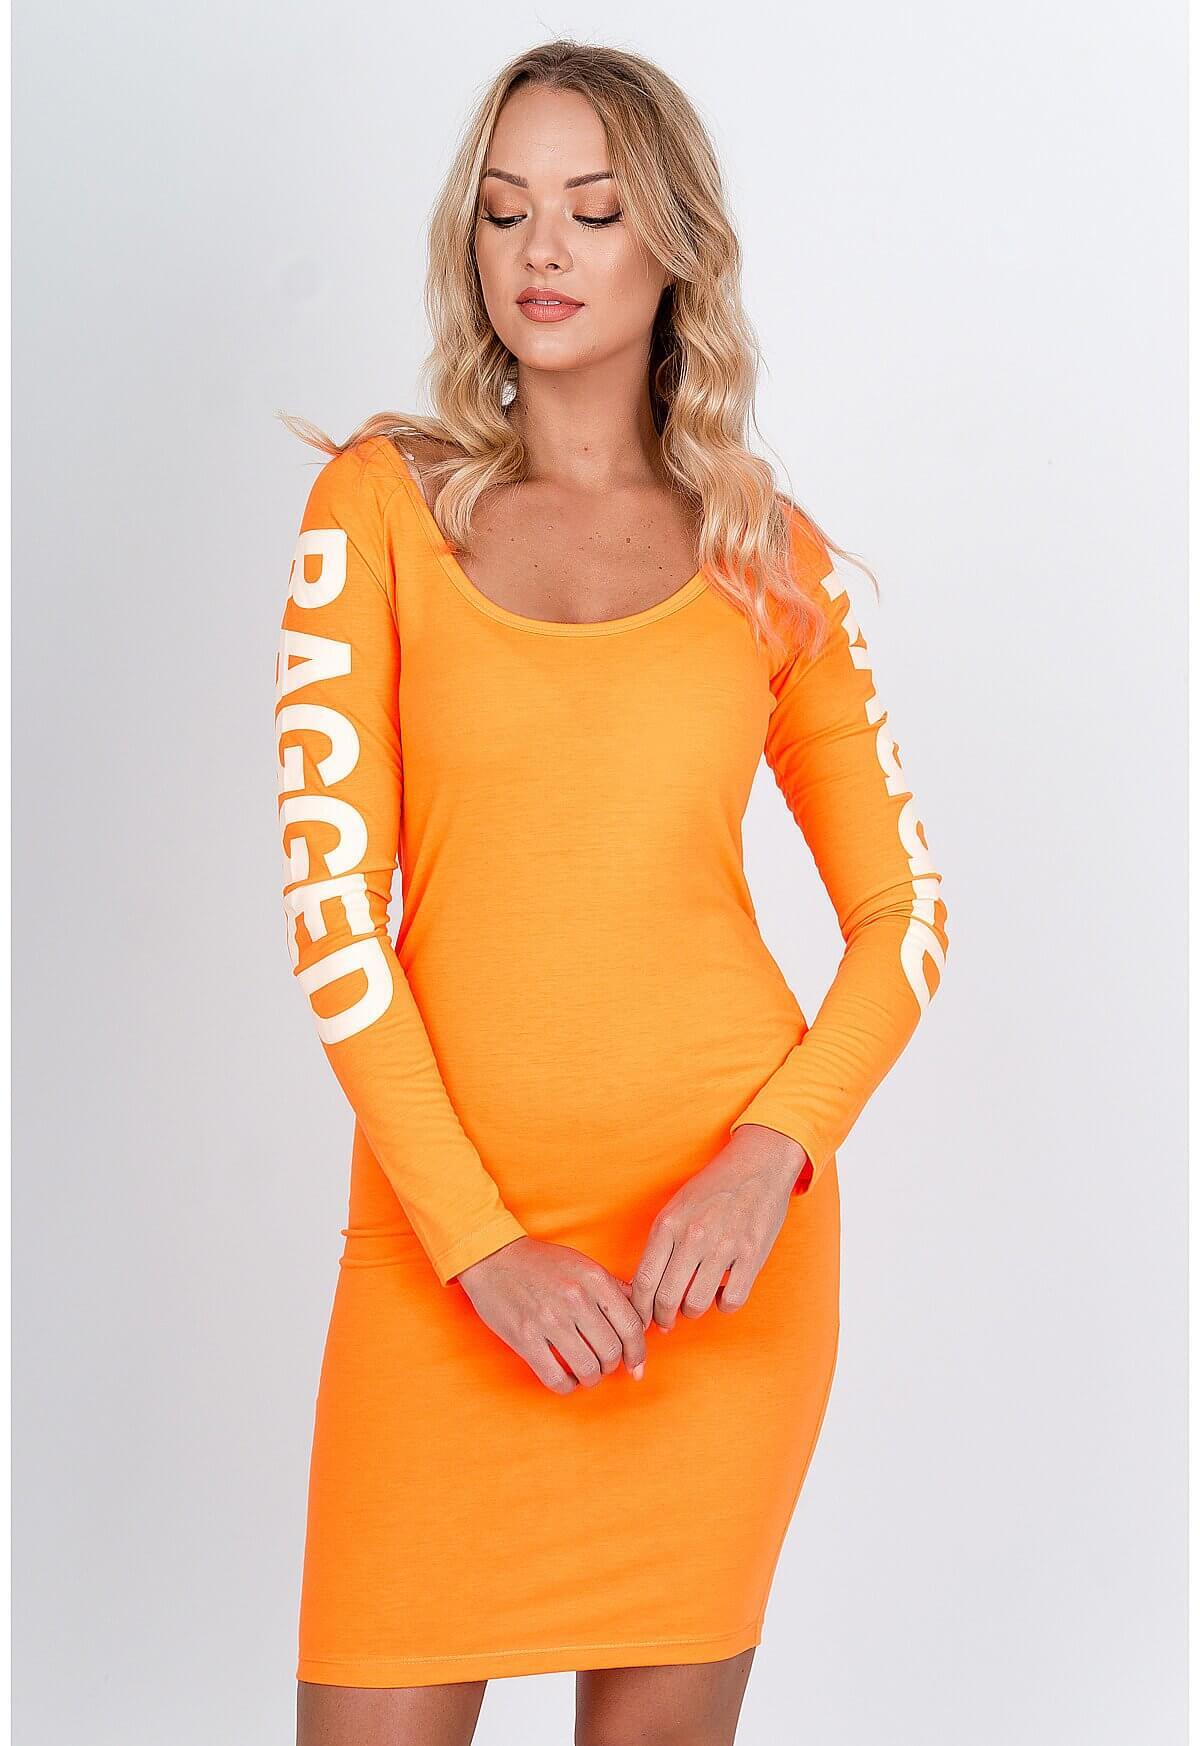 Štýlové krátke oranžové šaty s nápisom - UNI